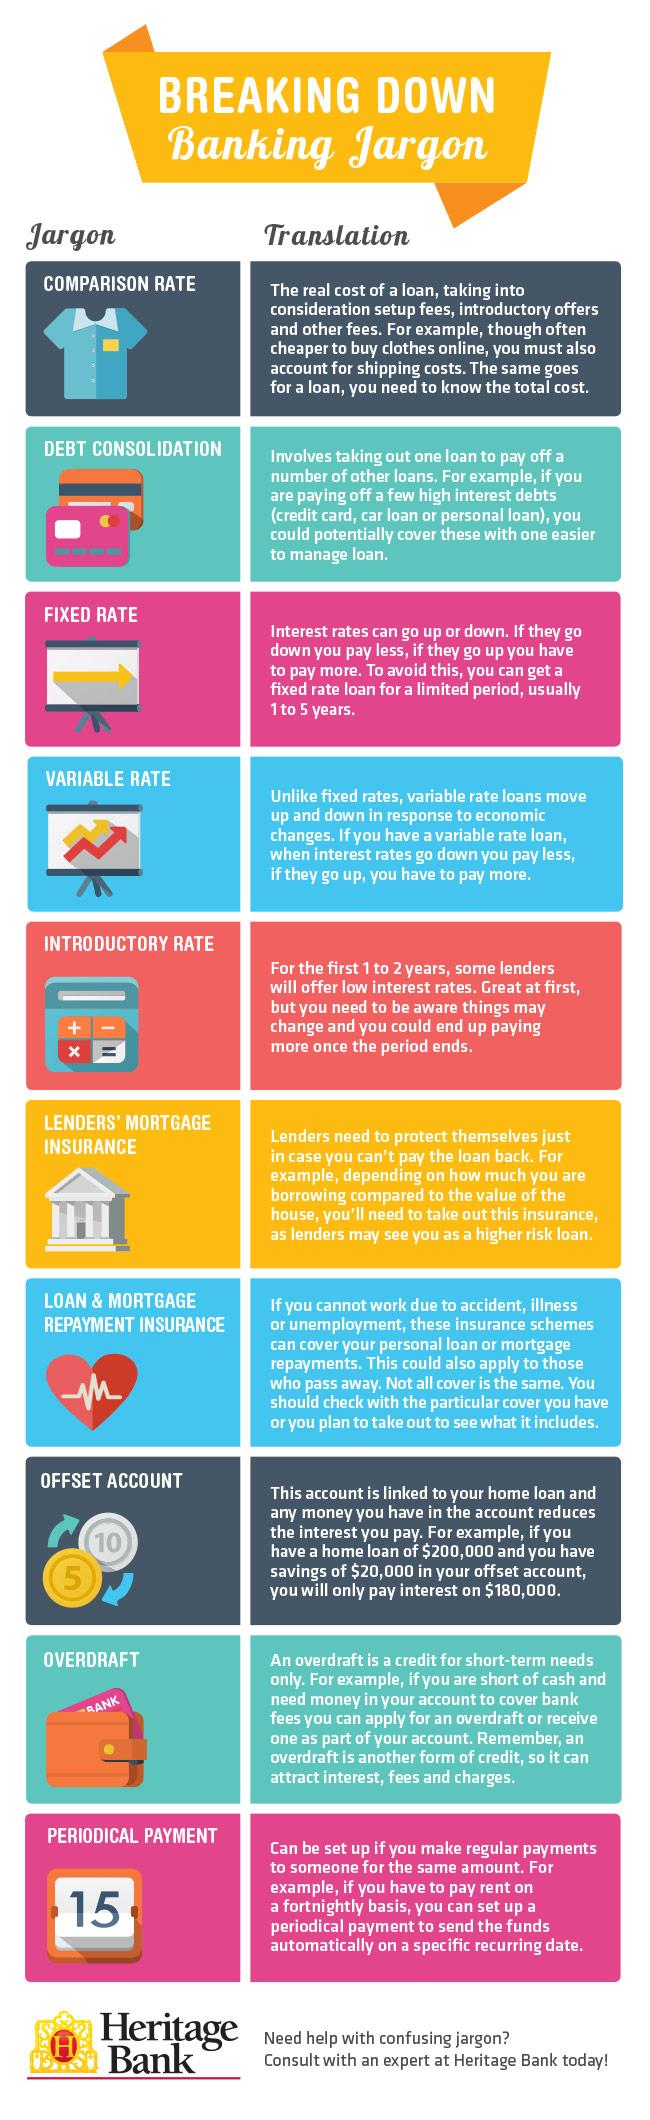 Breaking down banking jargon